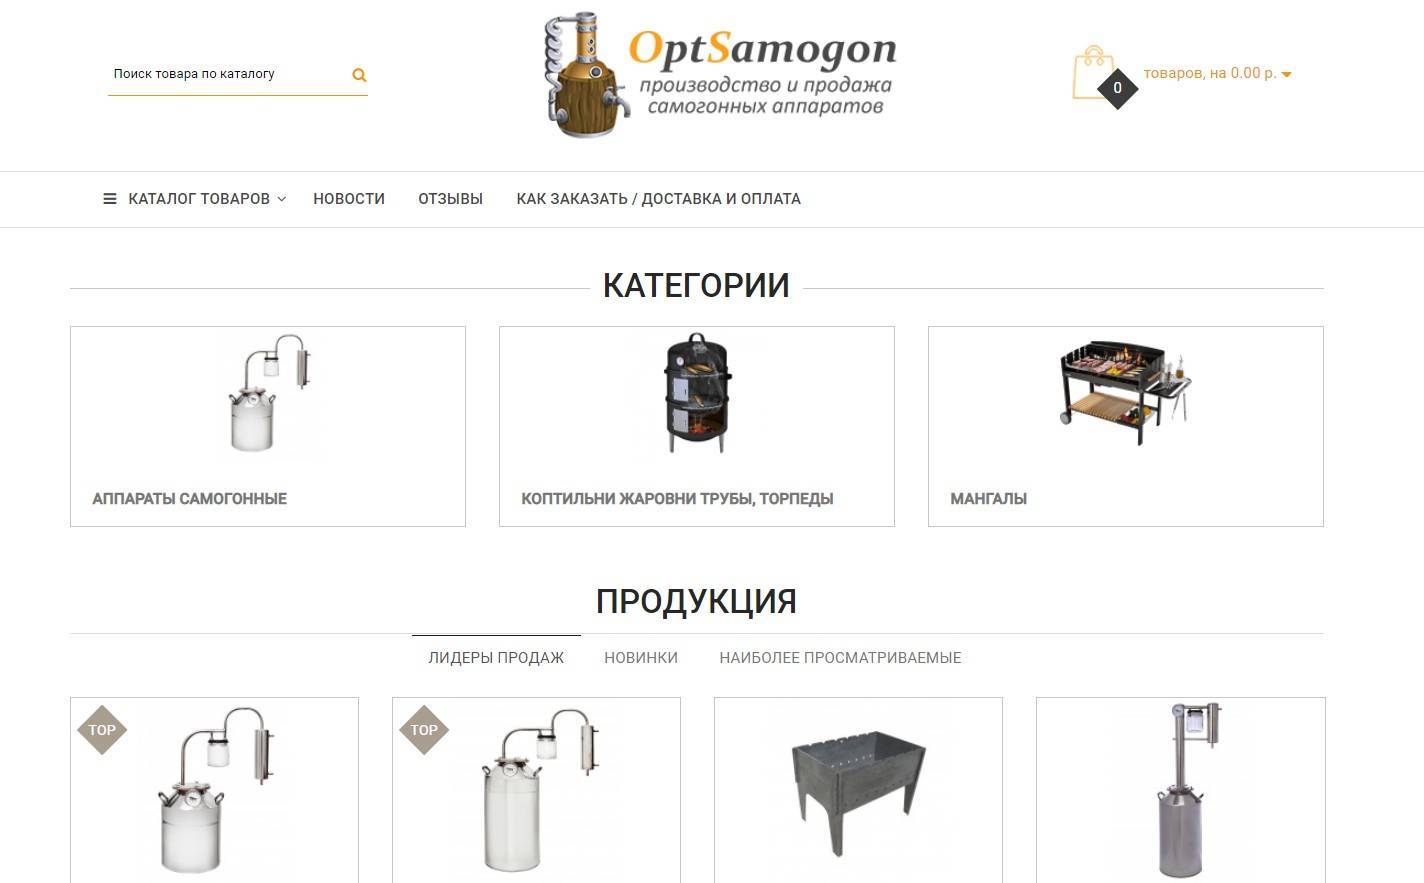 Интернет-магазин самогонных аппаратов «samogon-pro»: обзор товара, цены, скидки, комплектация оборудования, сопутствующие товары